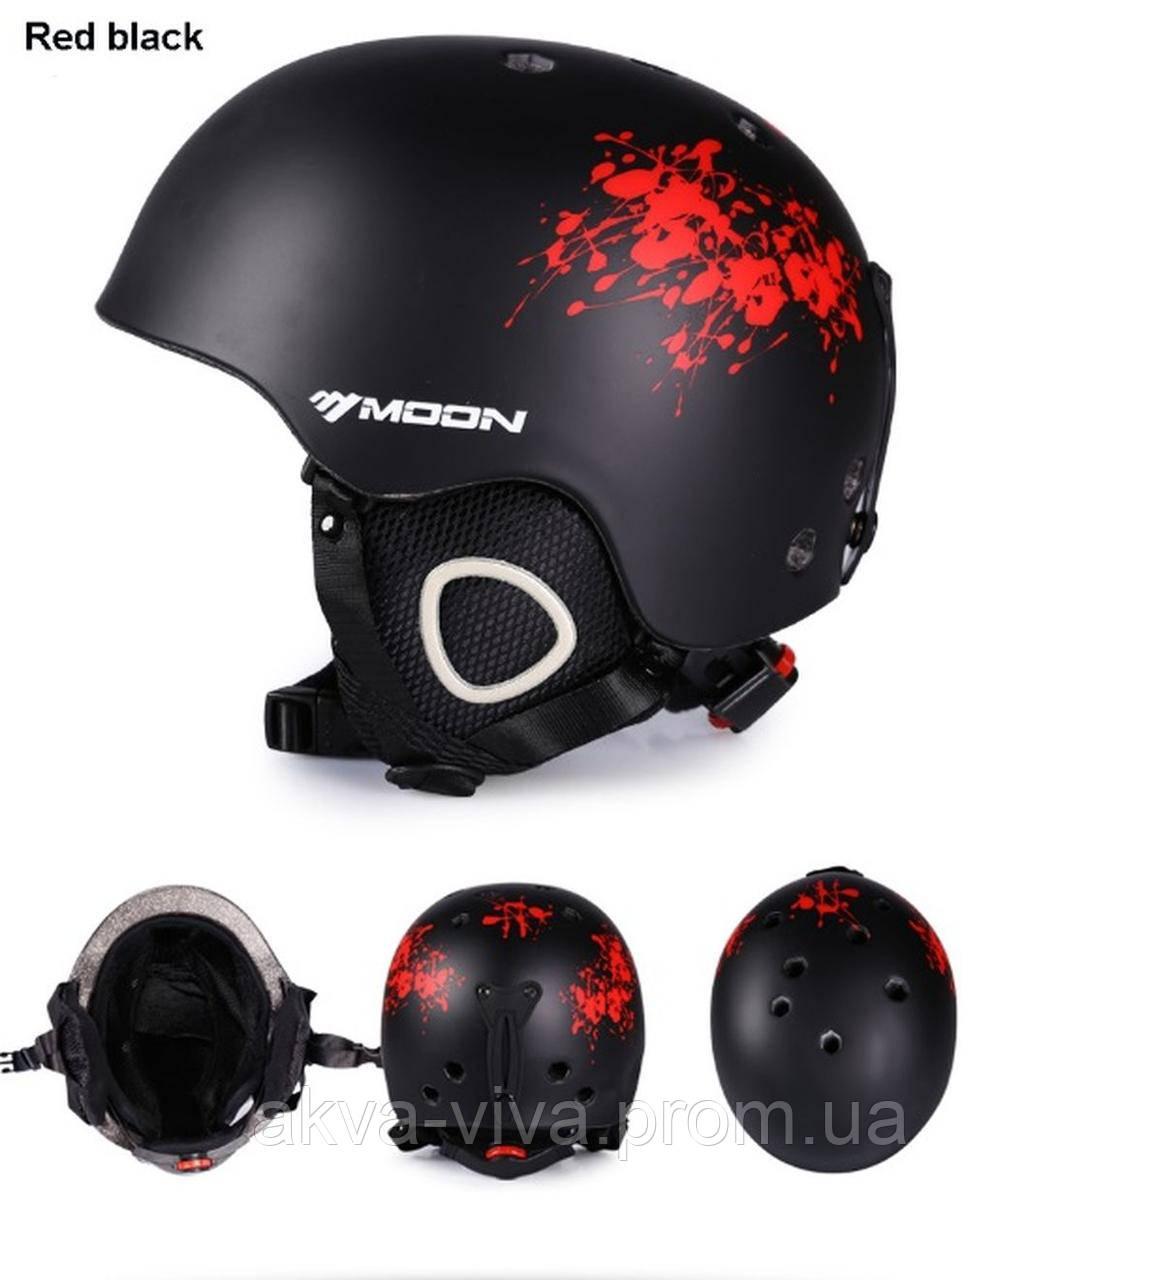 Горнолыжный шлем для катания на лыжах и сноуборде